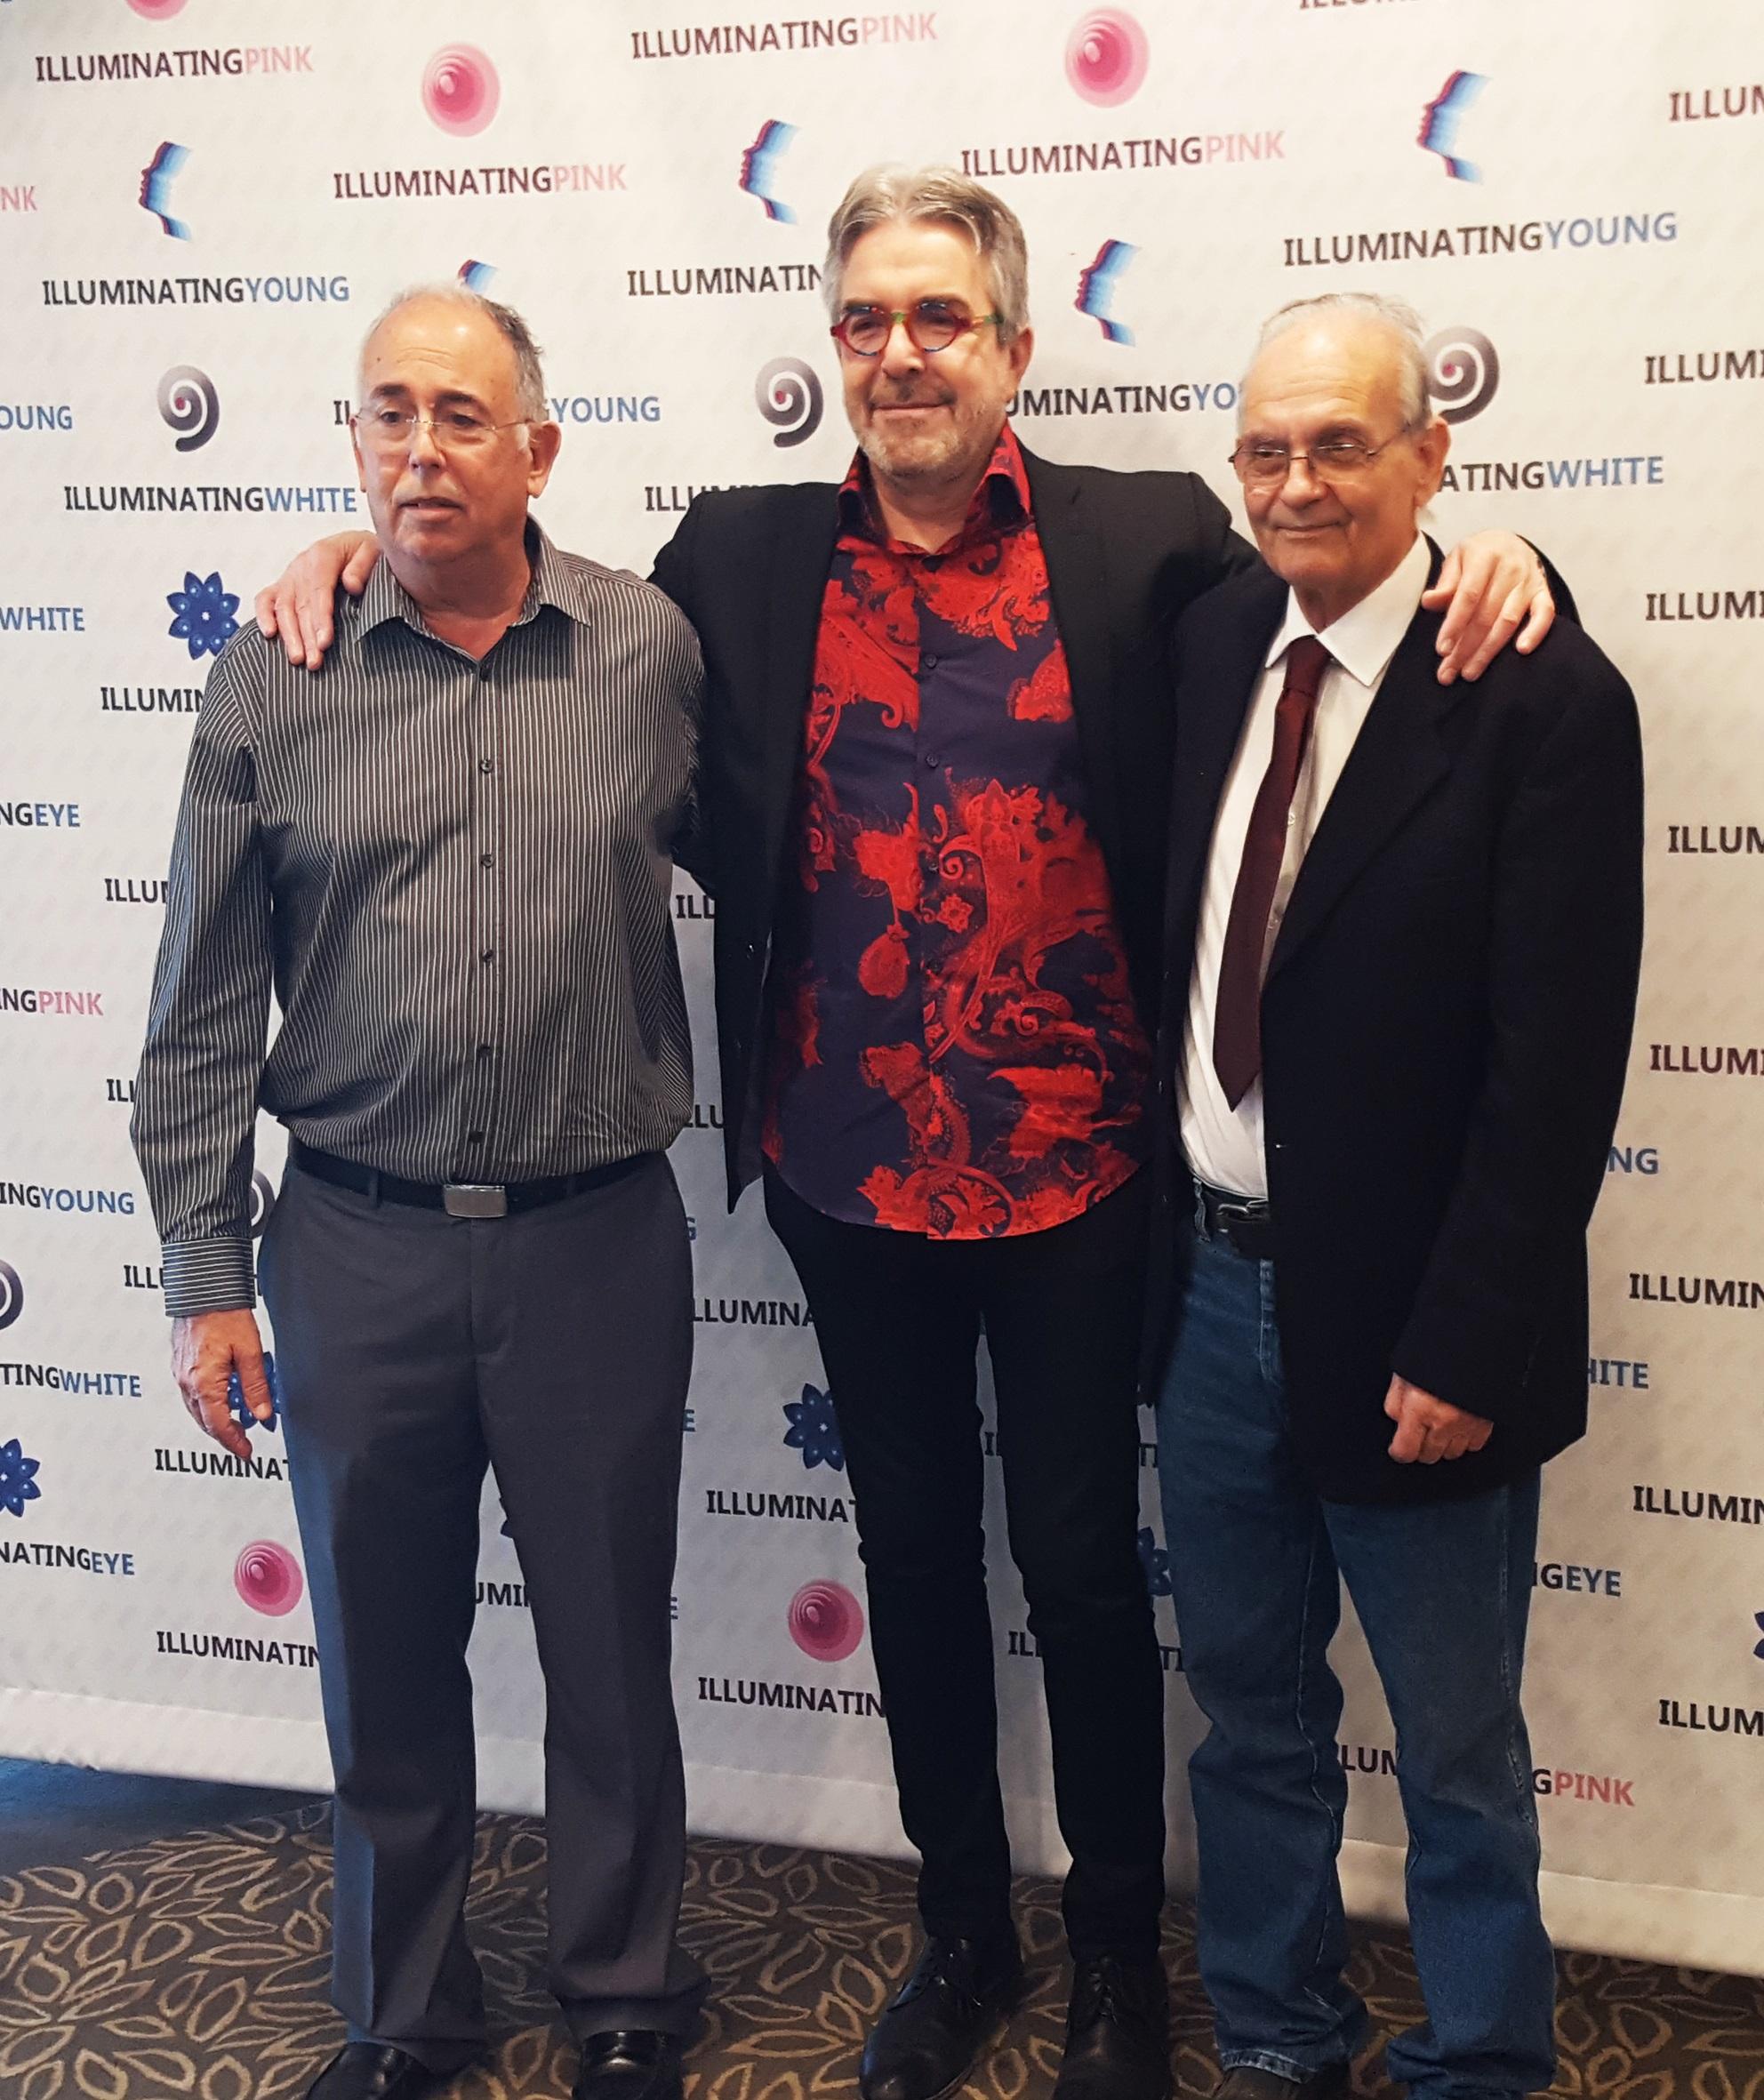 דר יואל קוניס דר' צחי שלקוביץ ופרי עגור קברניטי המותג הבינלאומי אילומינייטינג צילום אורן יגודה